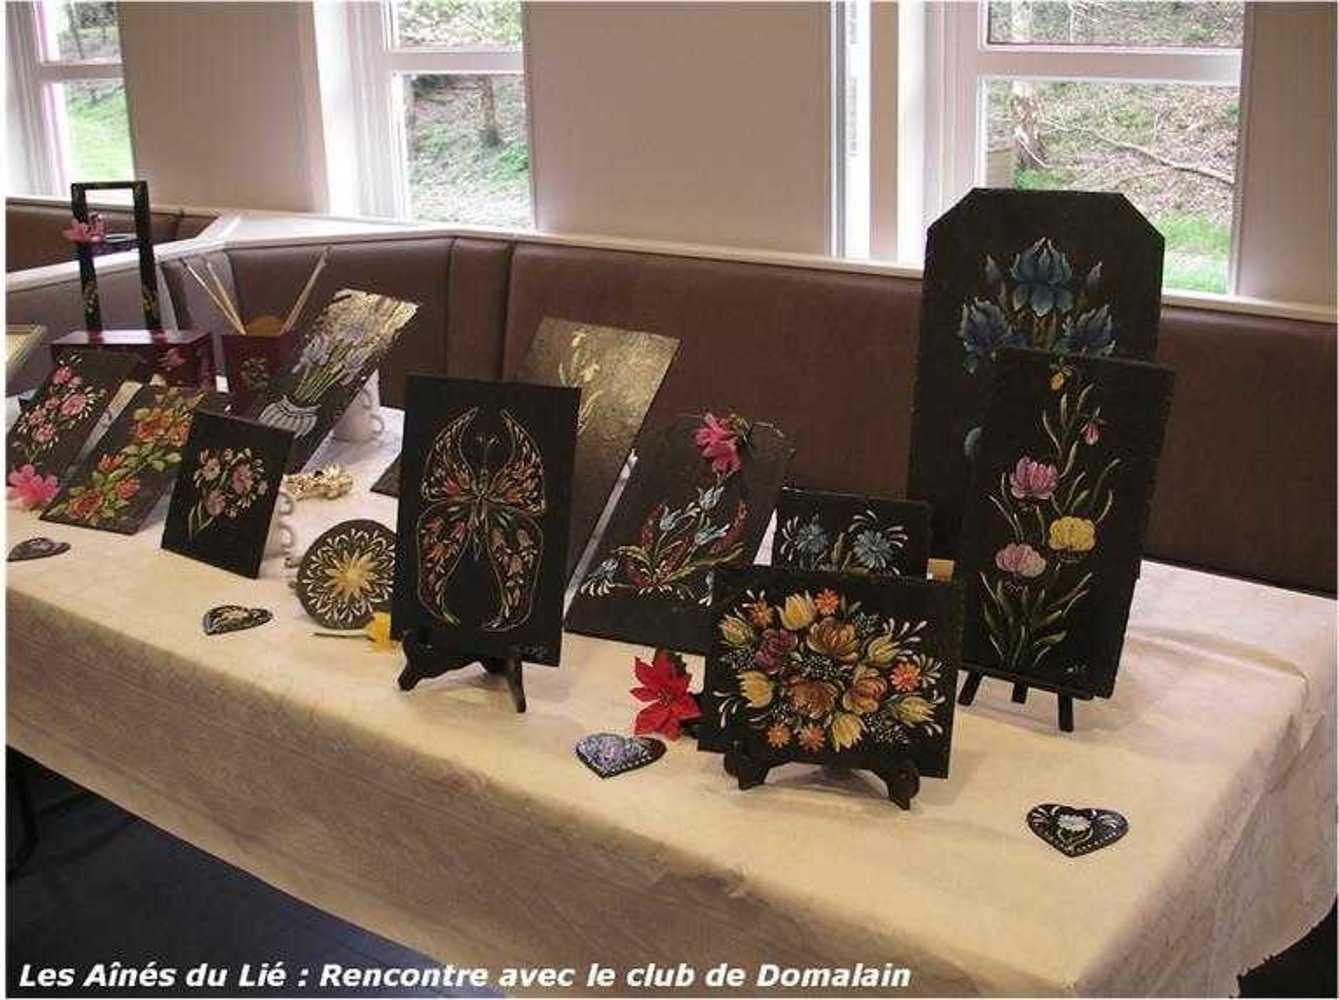 Les Aînés du Lié : photos de la rencontre avec le club de Domalain (35) image51